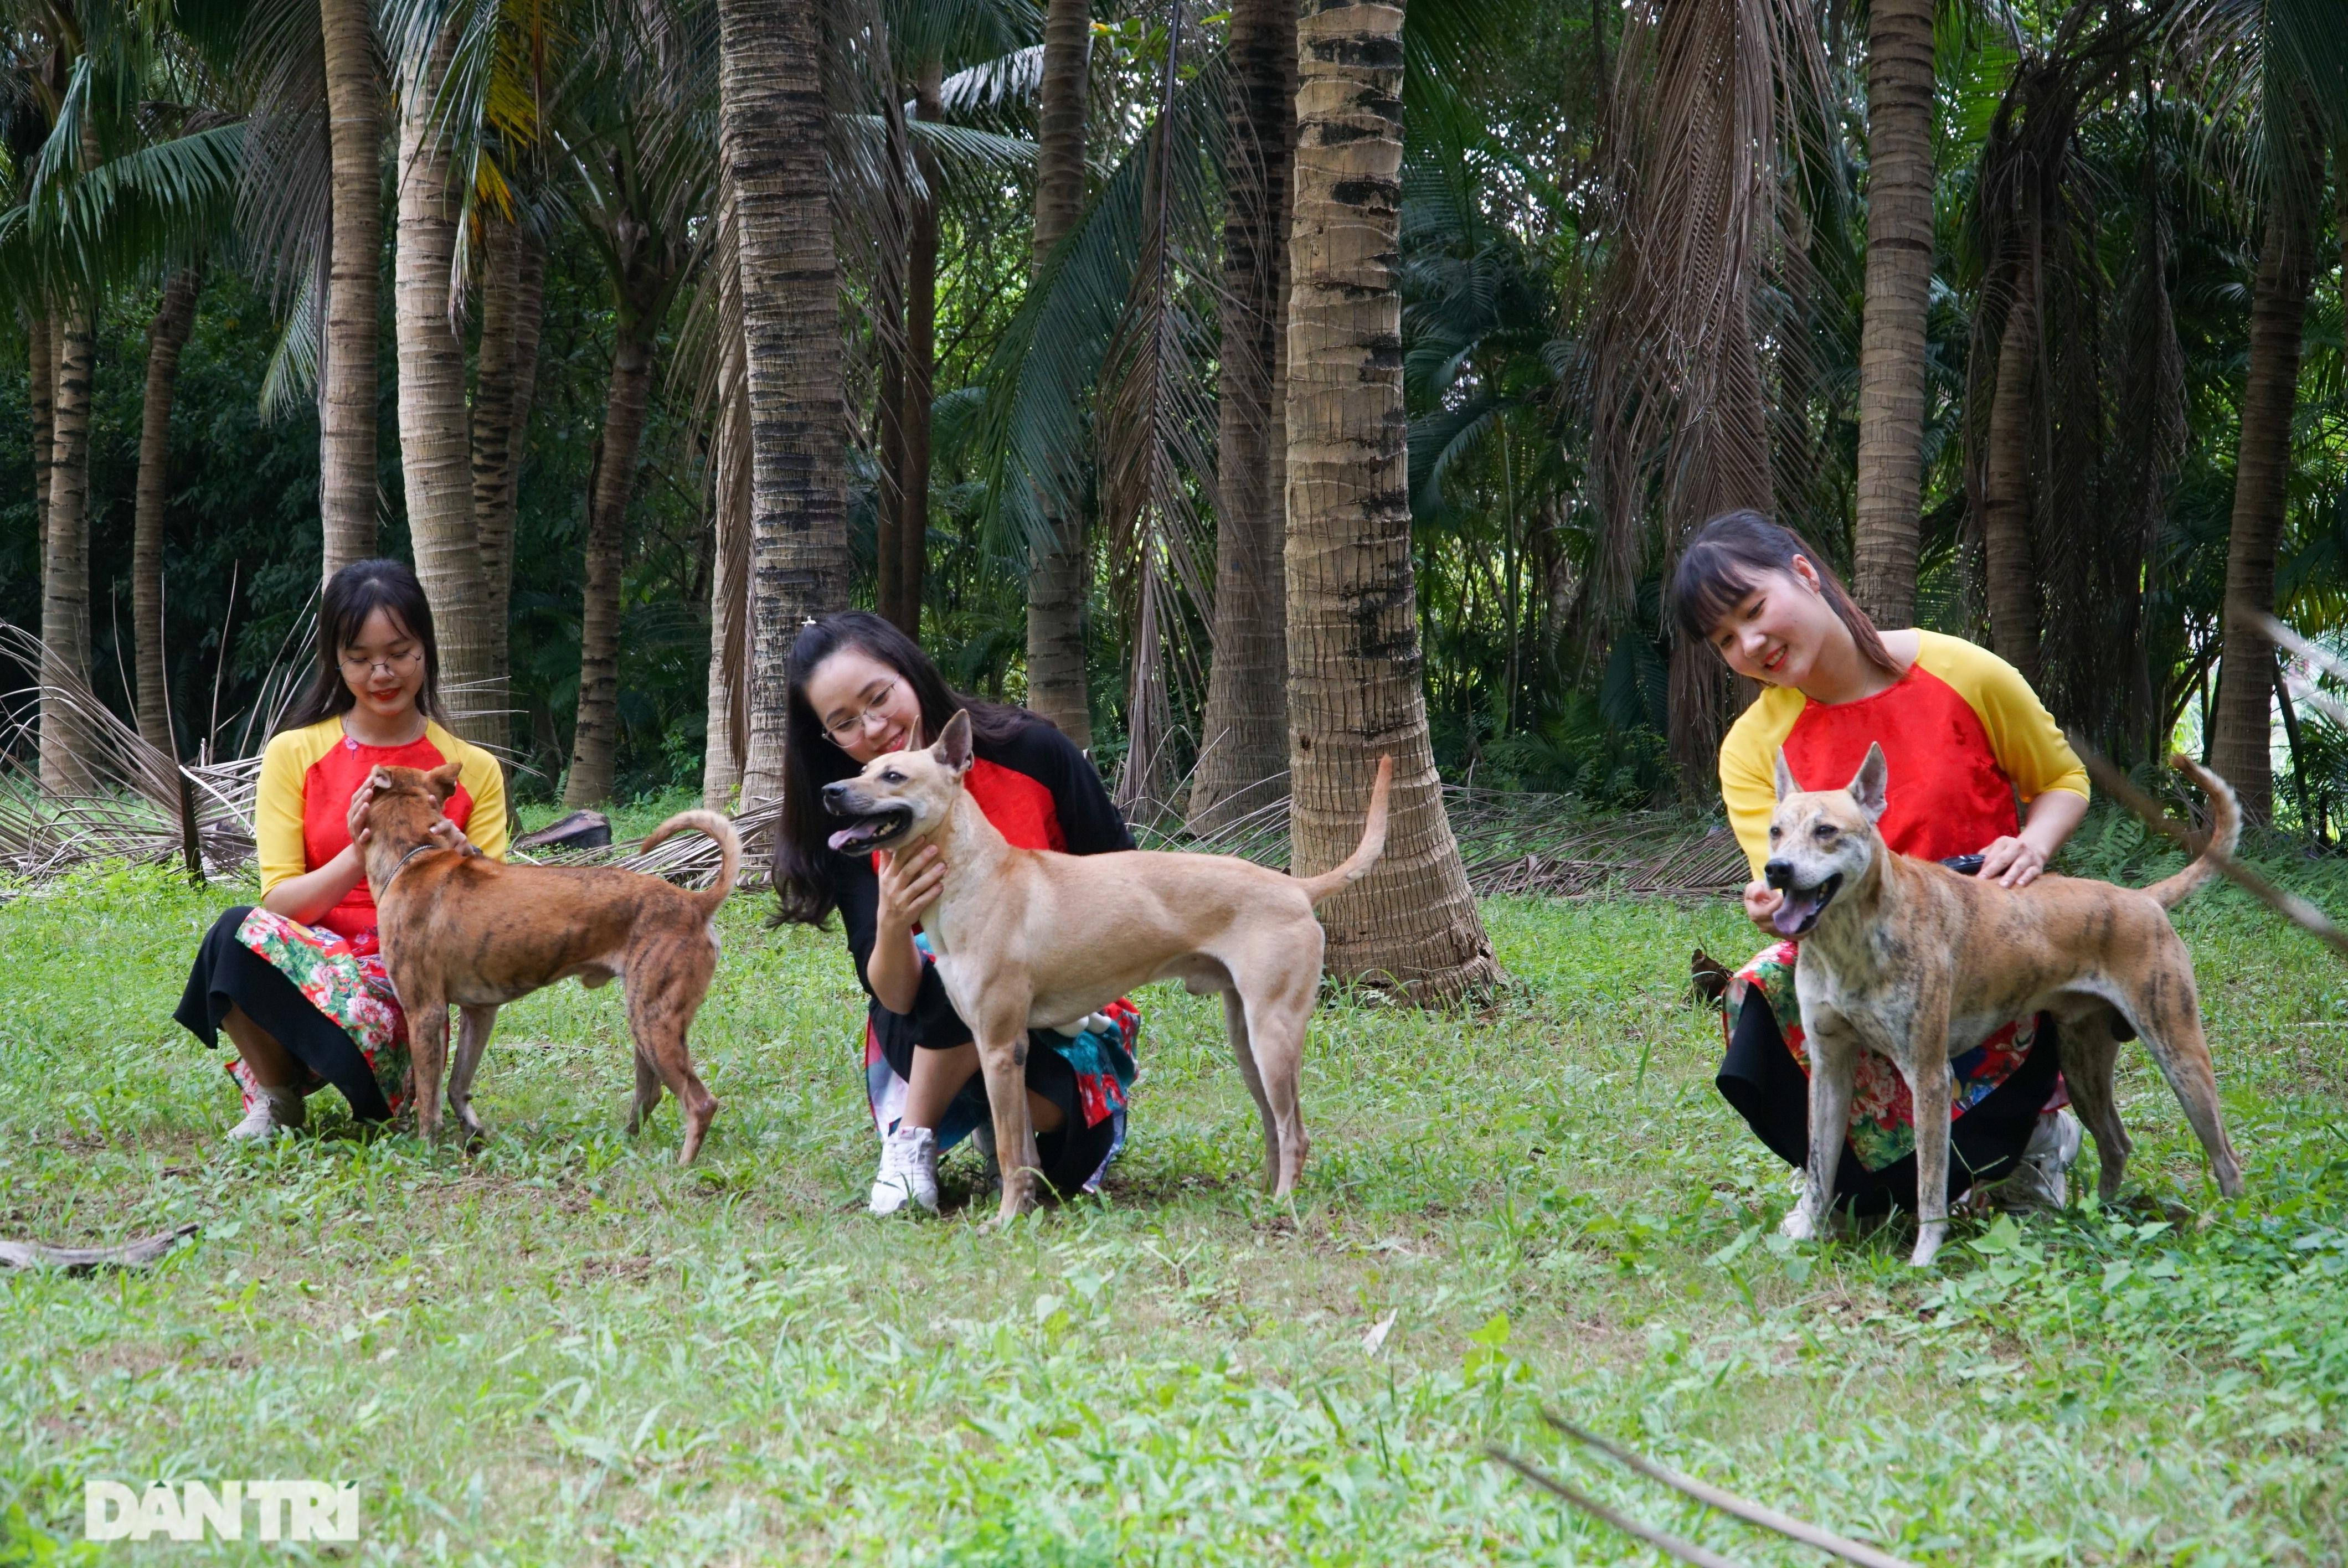 Những chú chó Phú Quốc có giá hàng trăm triệu đồng ở Hà Nội - 4